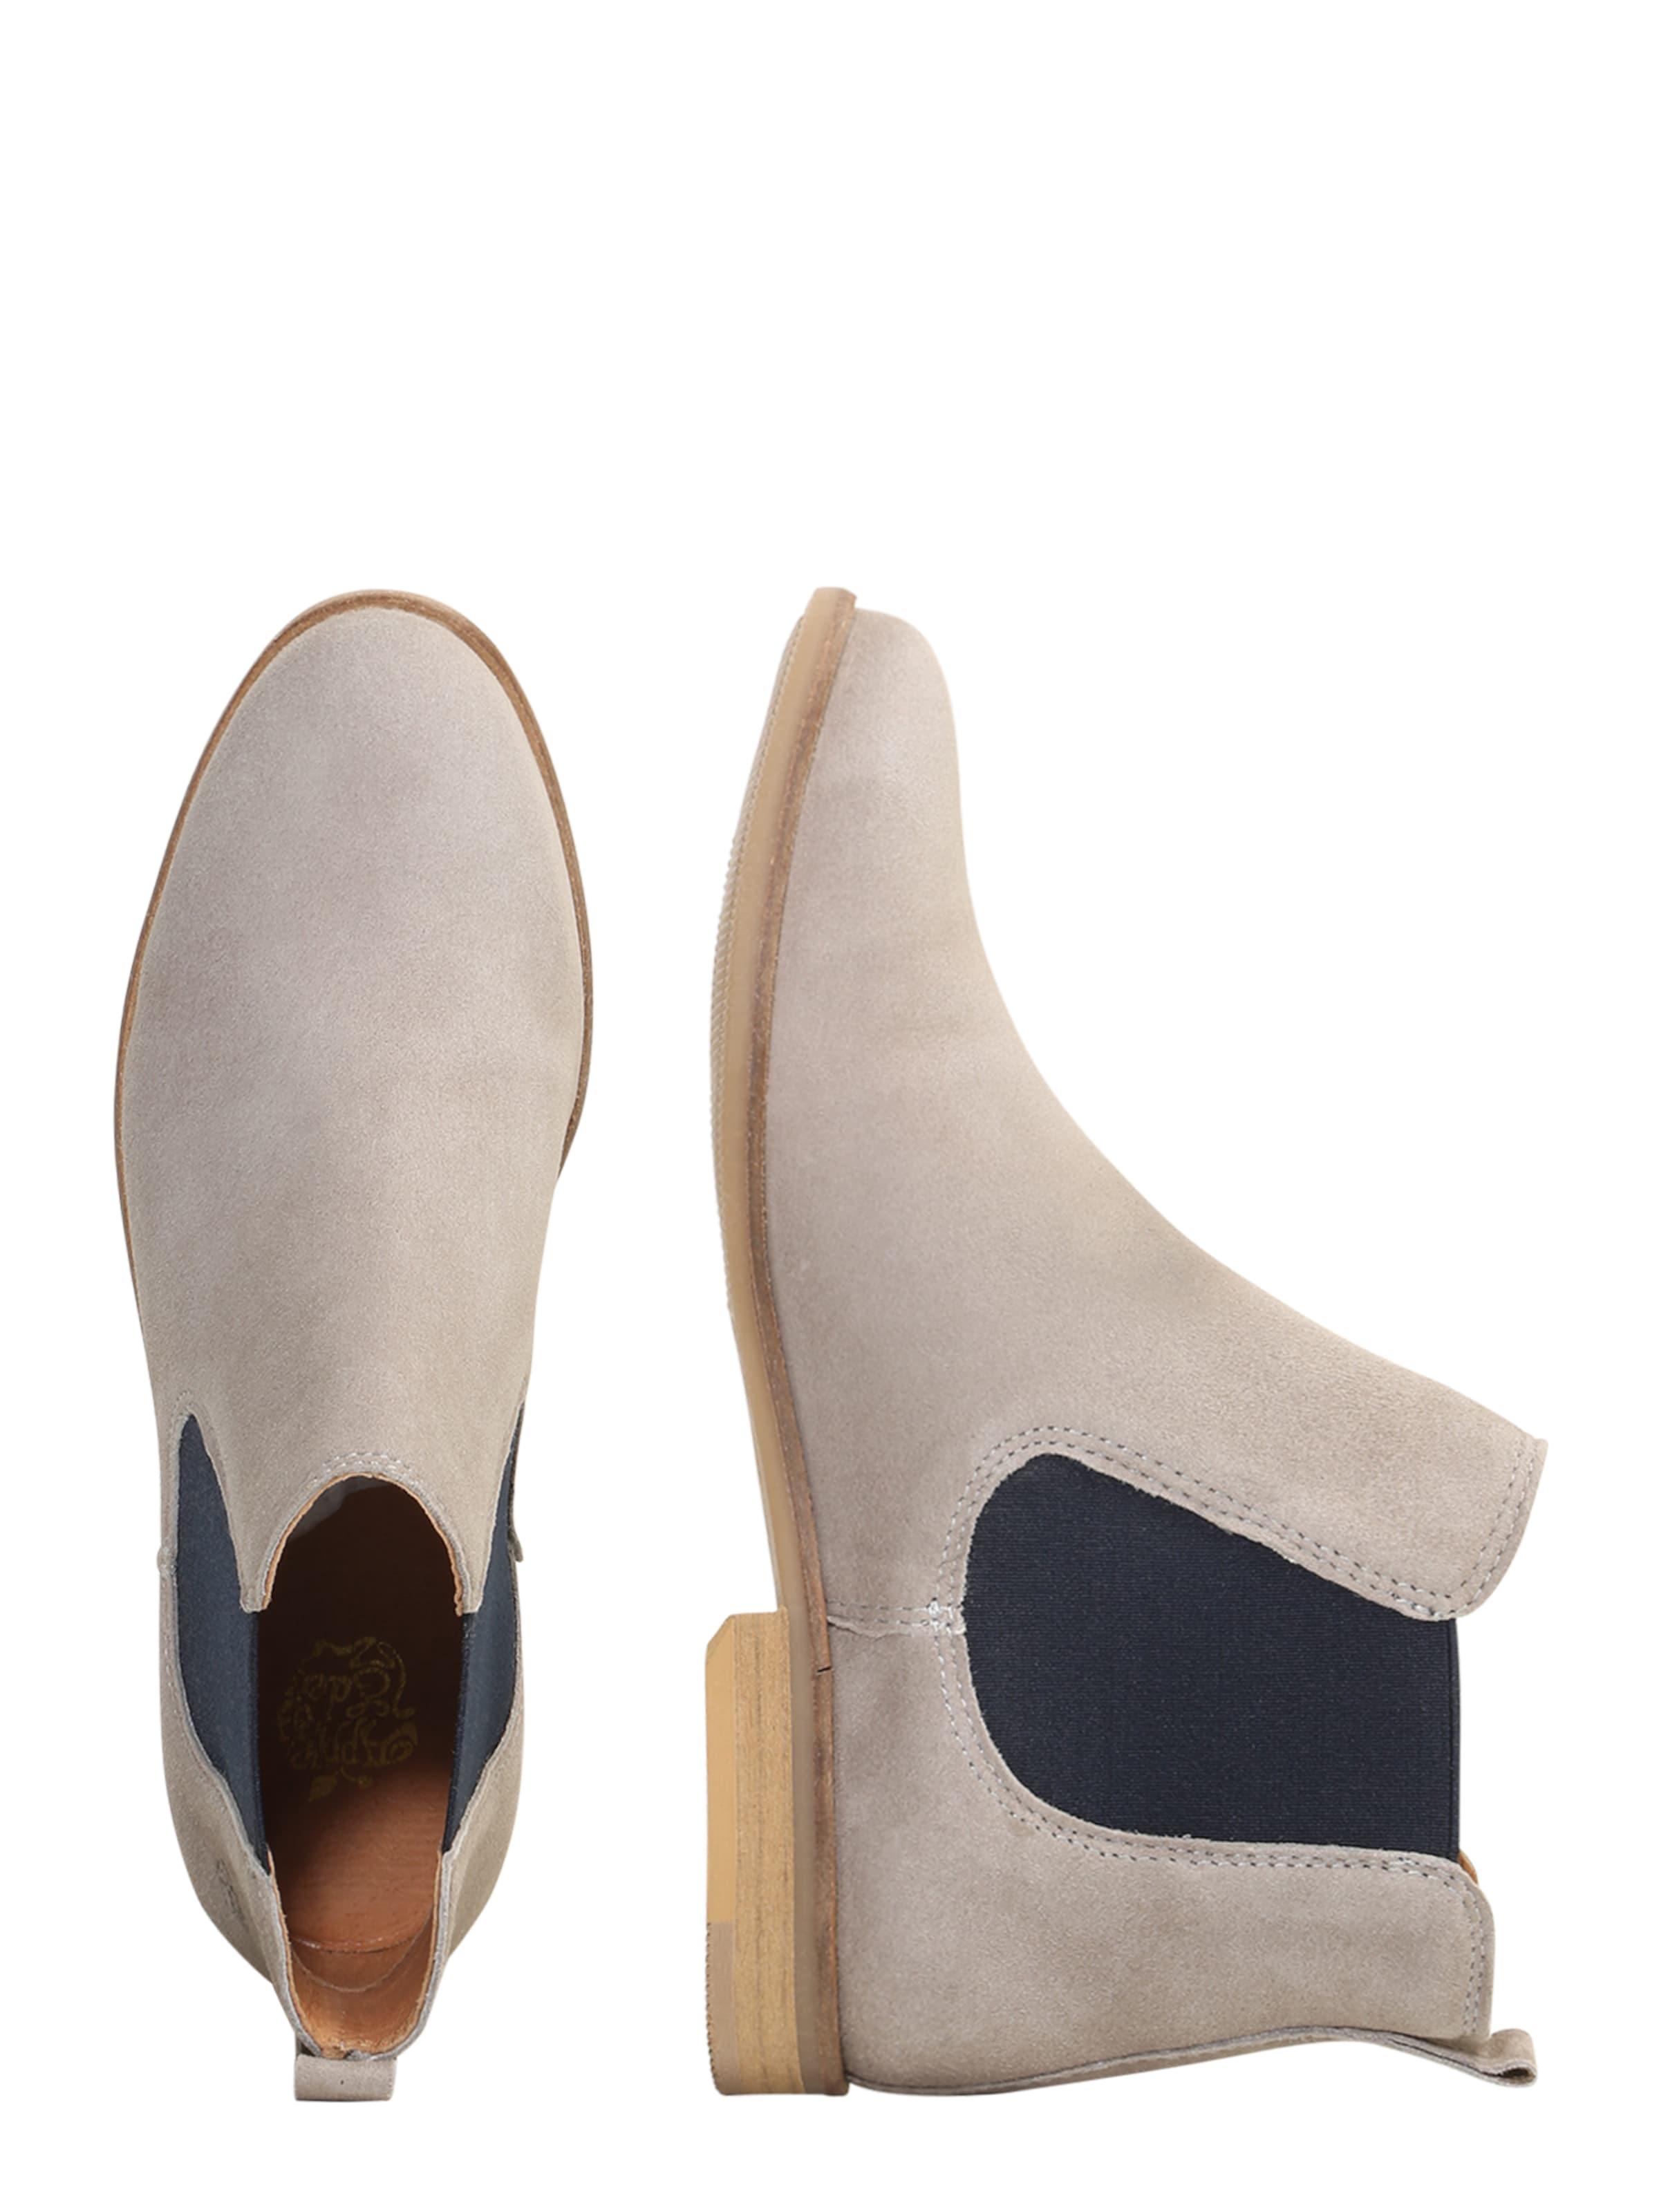 Ausgezeichnete Online-Verkauf Apple of Eden Chelsea-Boots 'Manon' Auslass Bestseller Günstig Kaufen Eastbay Günstiger Versand Spielraum Zuverlässig X2TEt